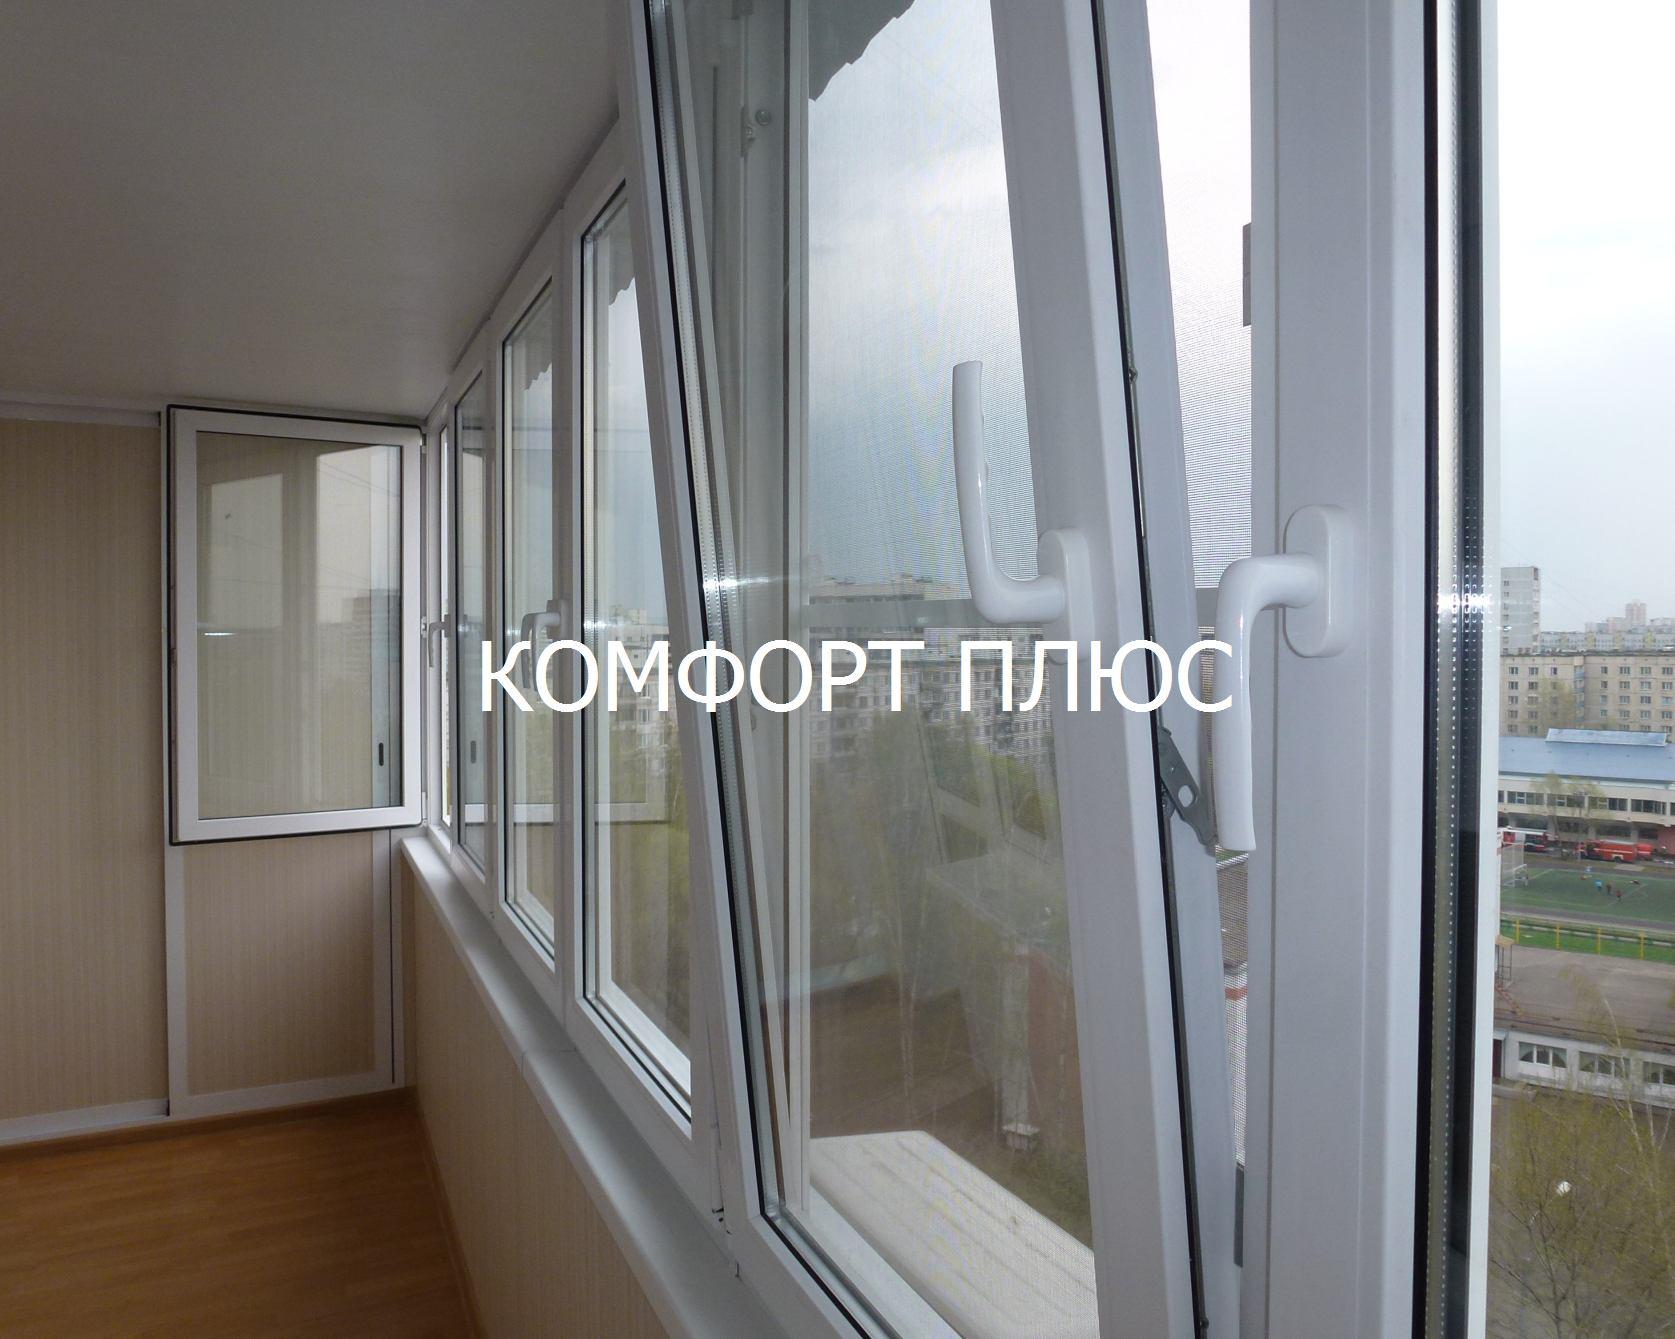 Теплое остекление лоджий и балконов, стеклопакеты.